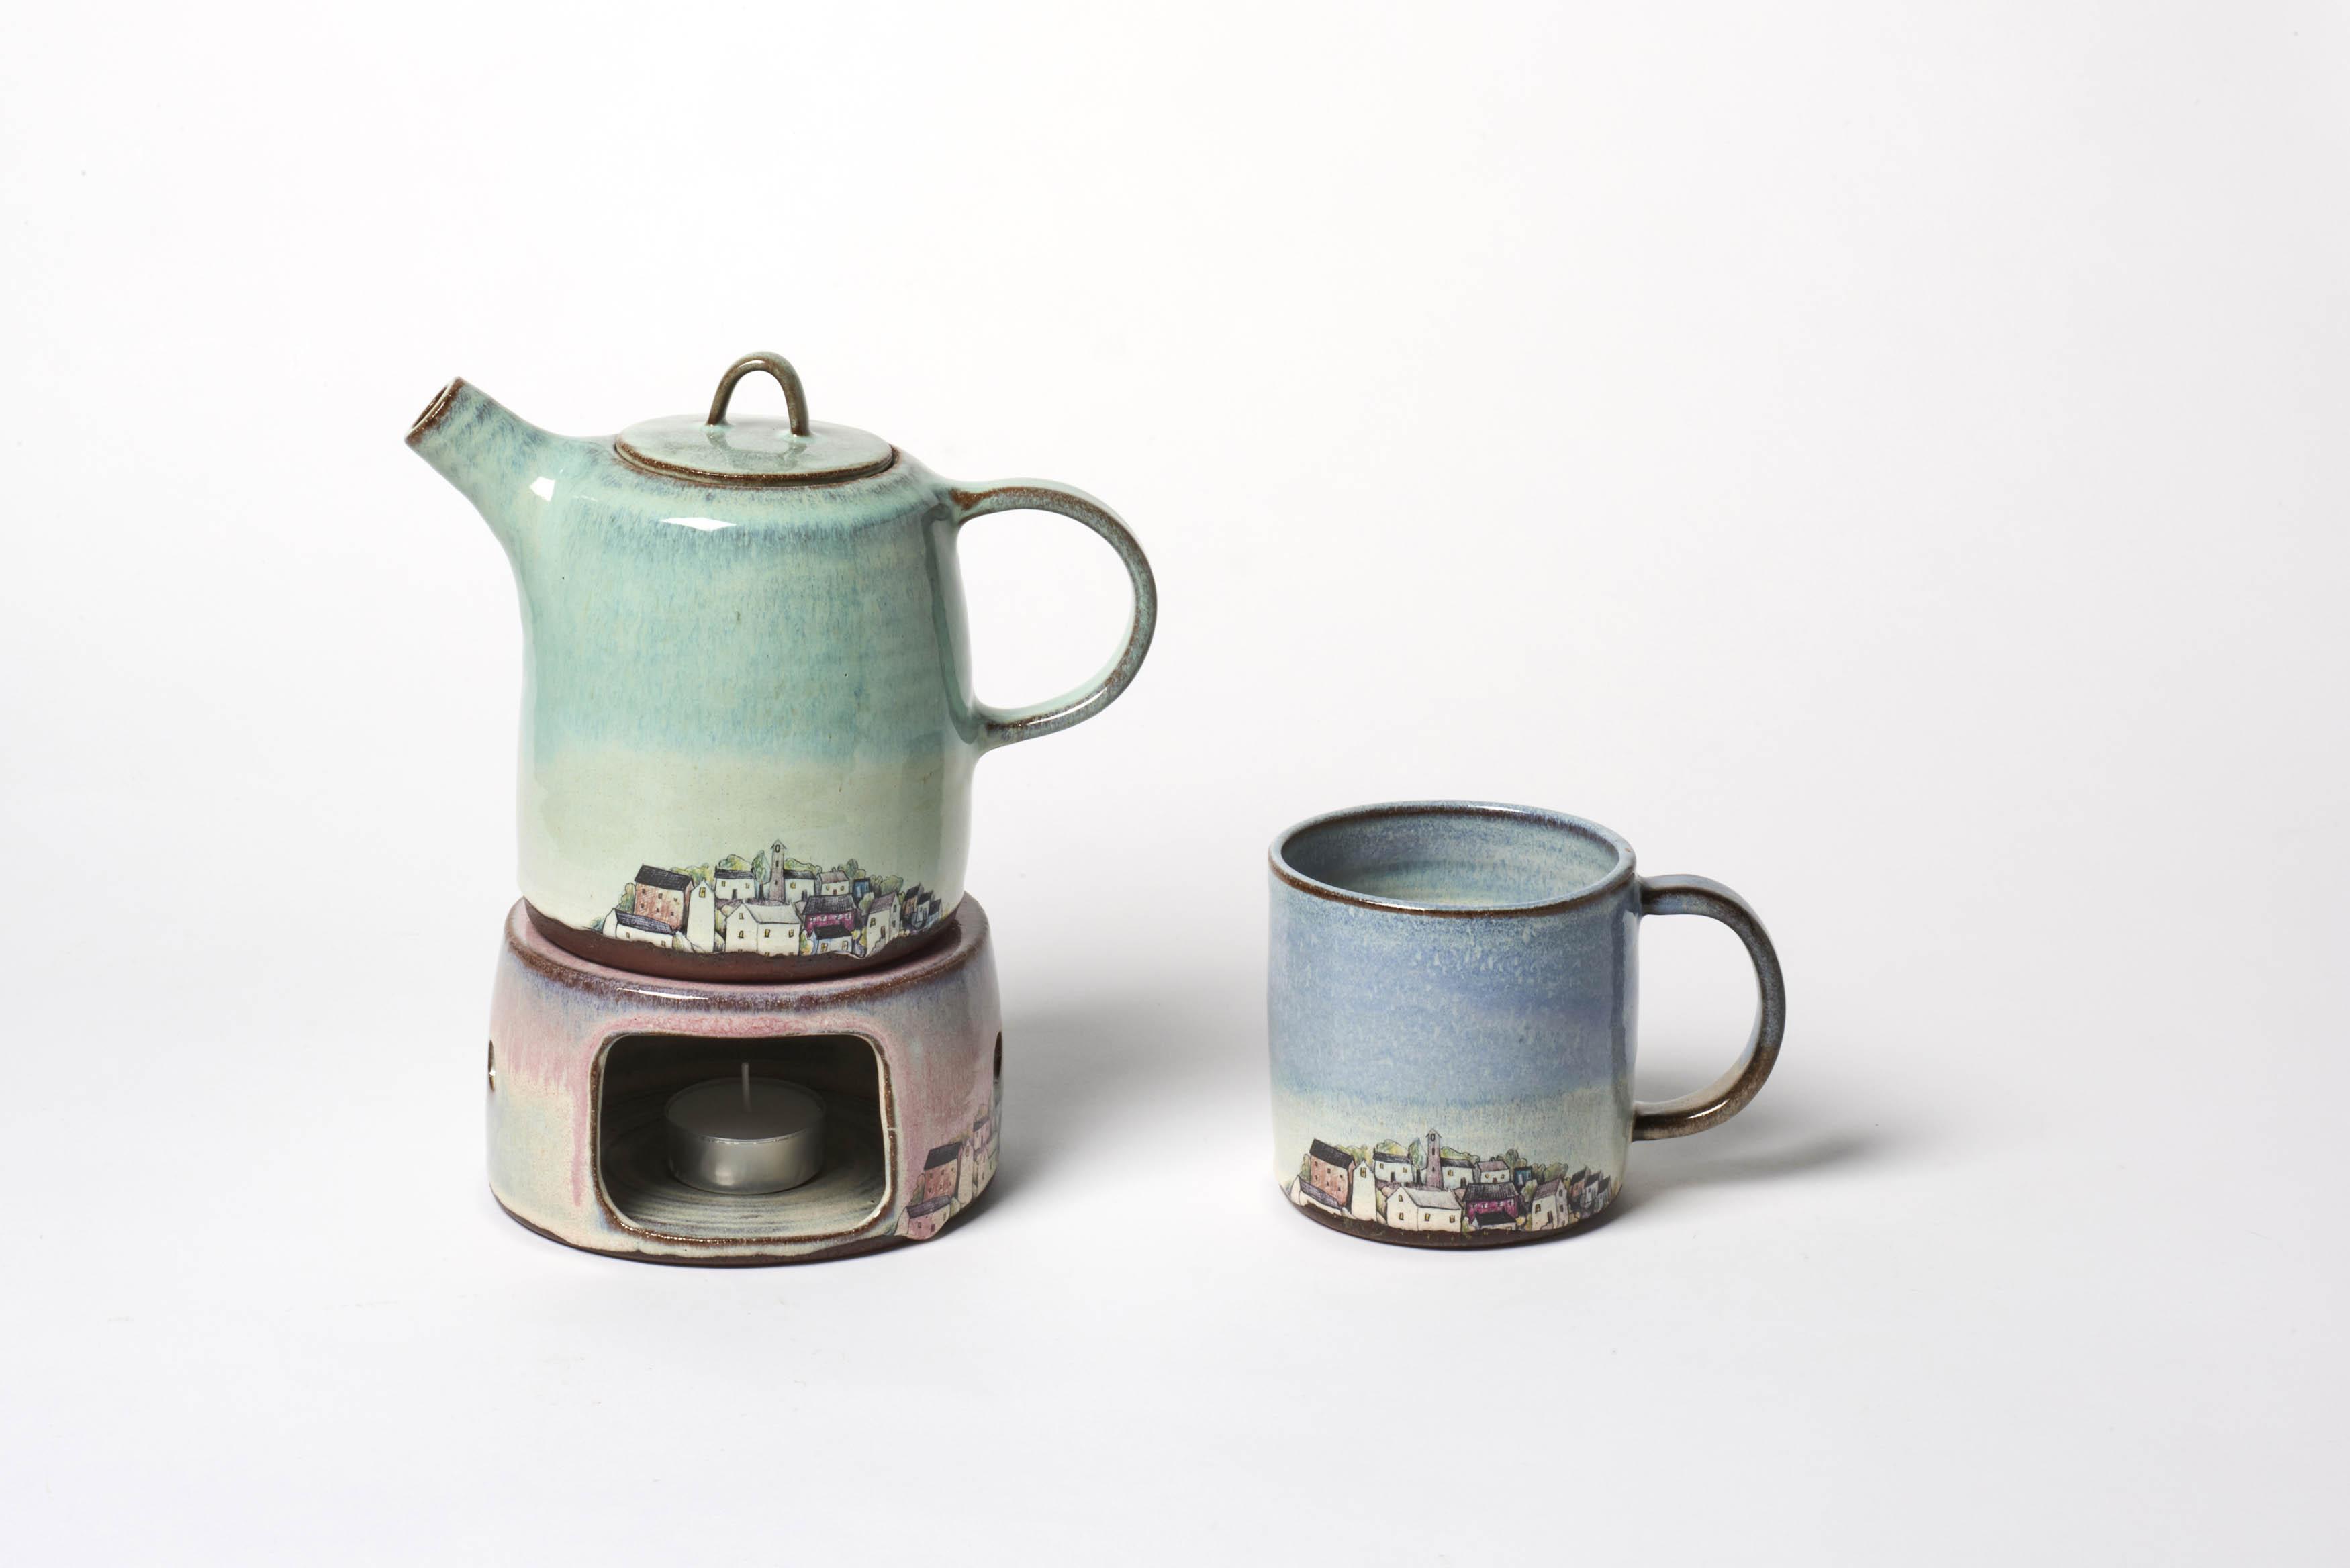 Village Tea Set with Warmer